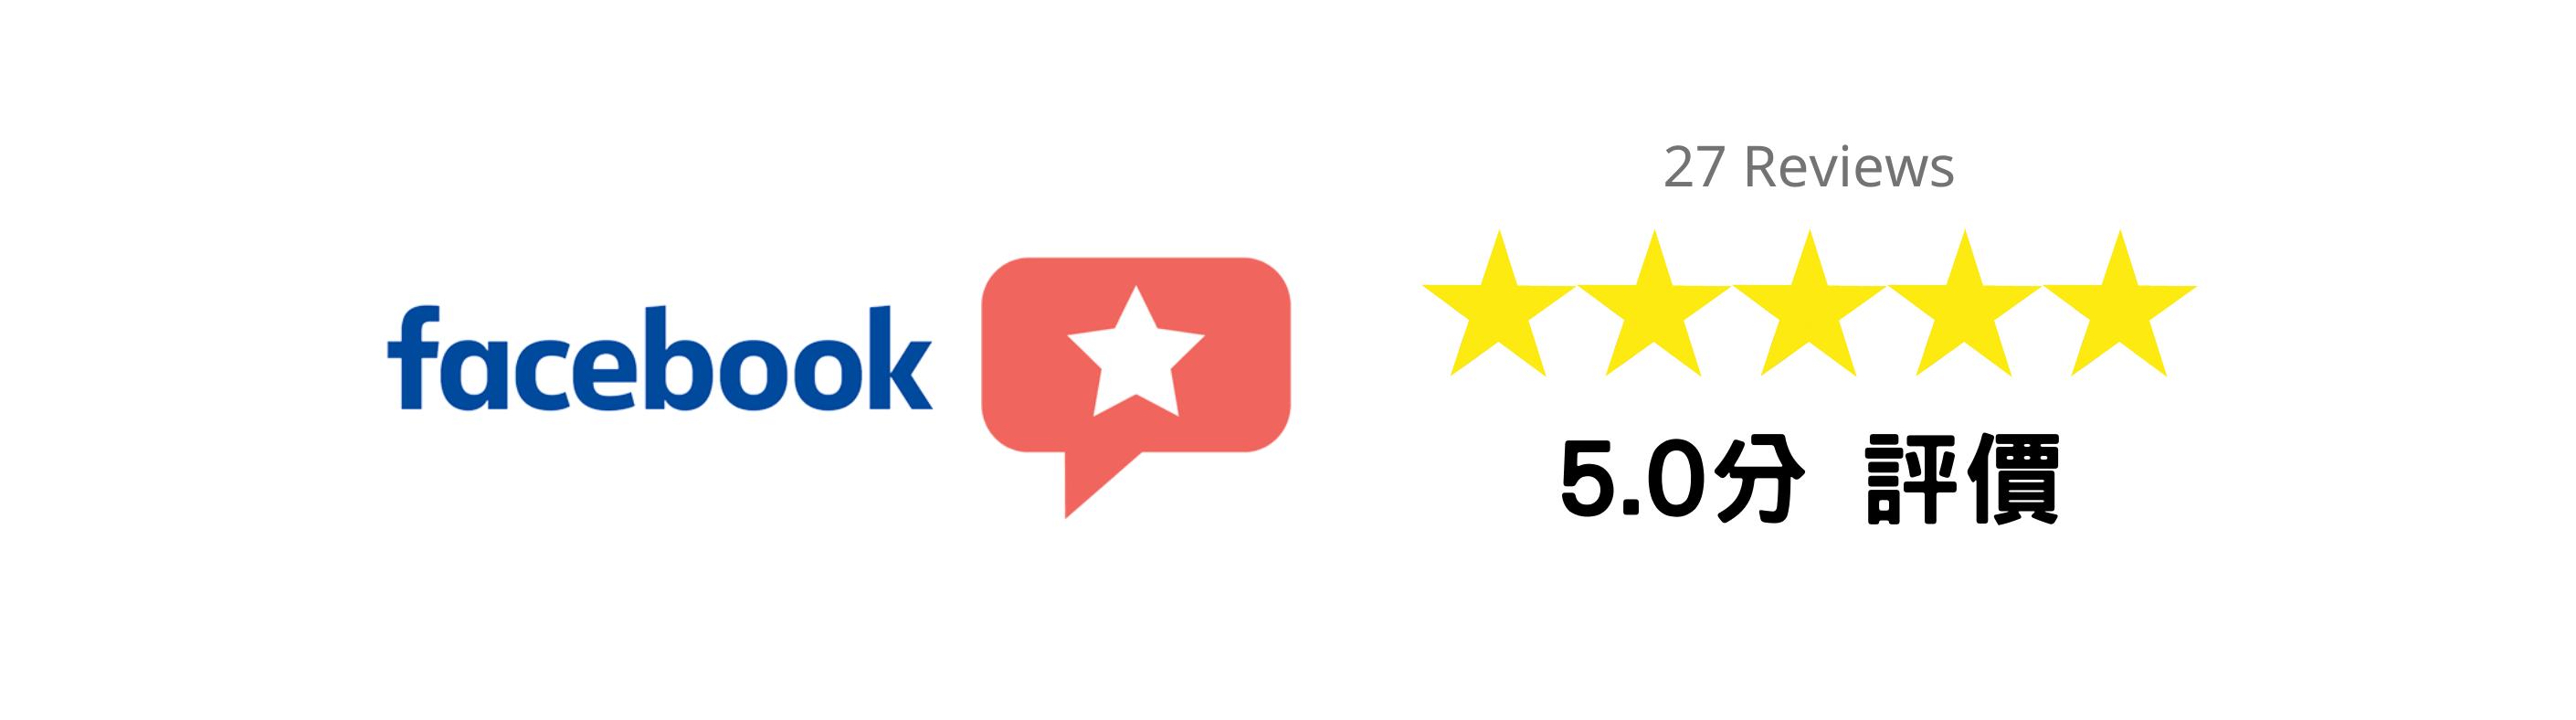 石賈墨德語課程評價